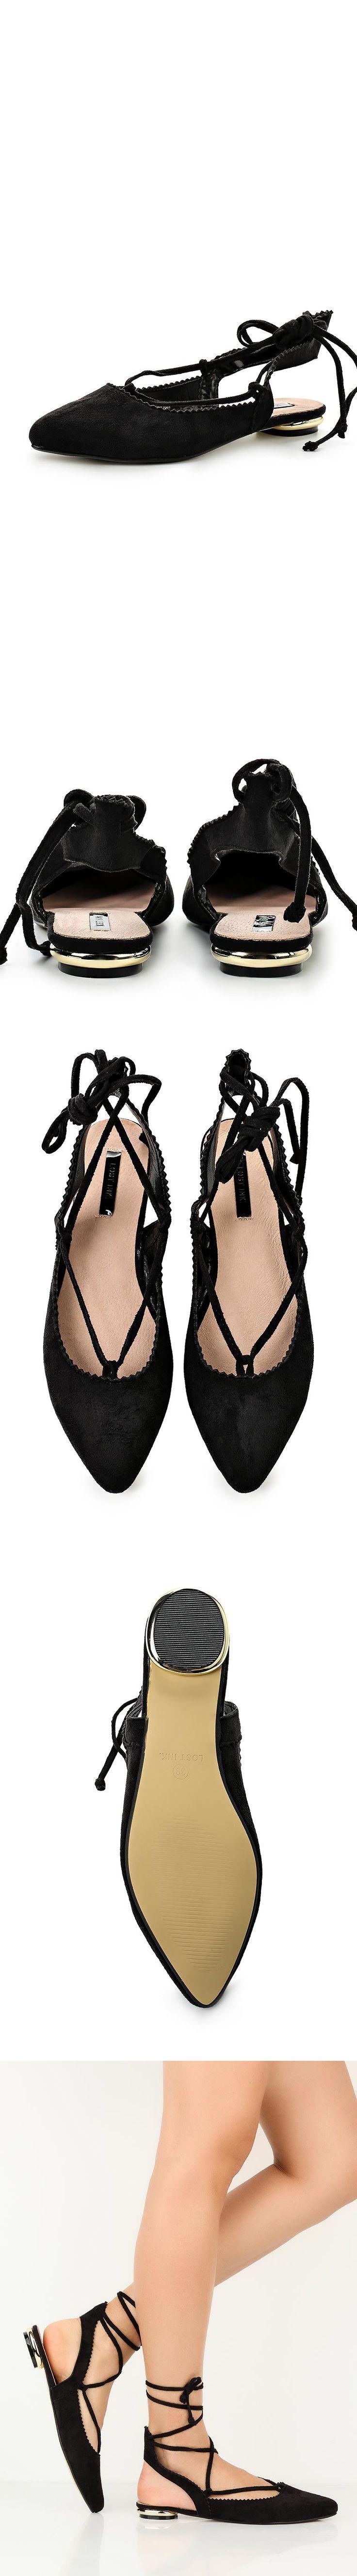 Женская обувь сандалии Nia Moda за 2370.00 руб.